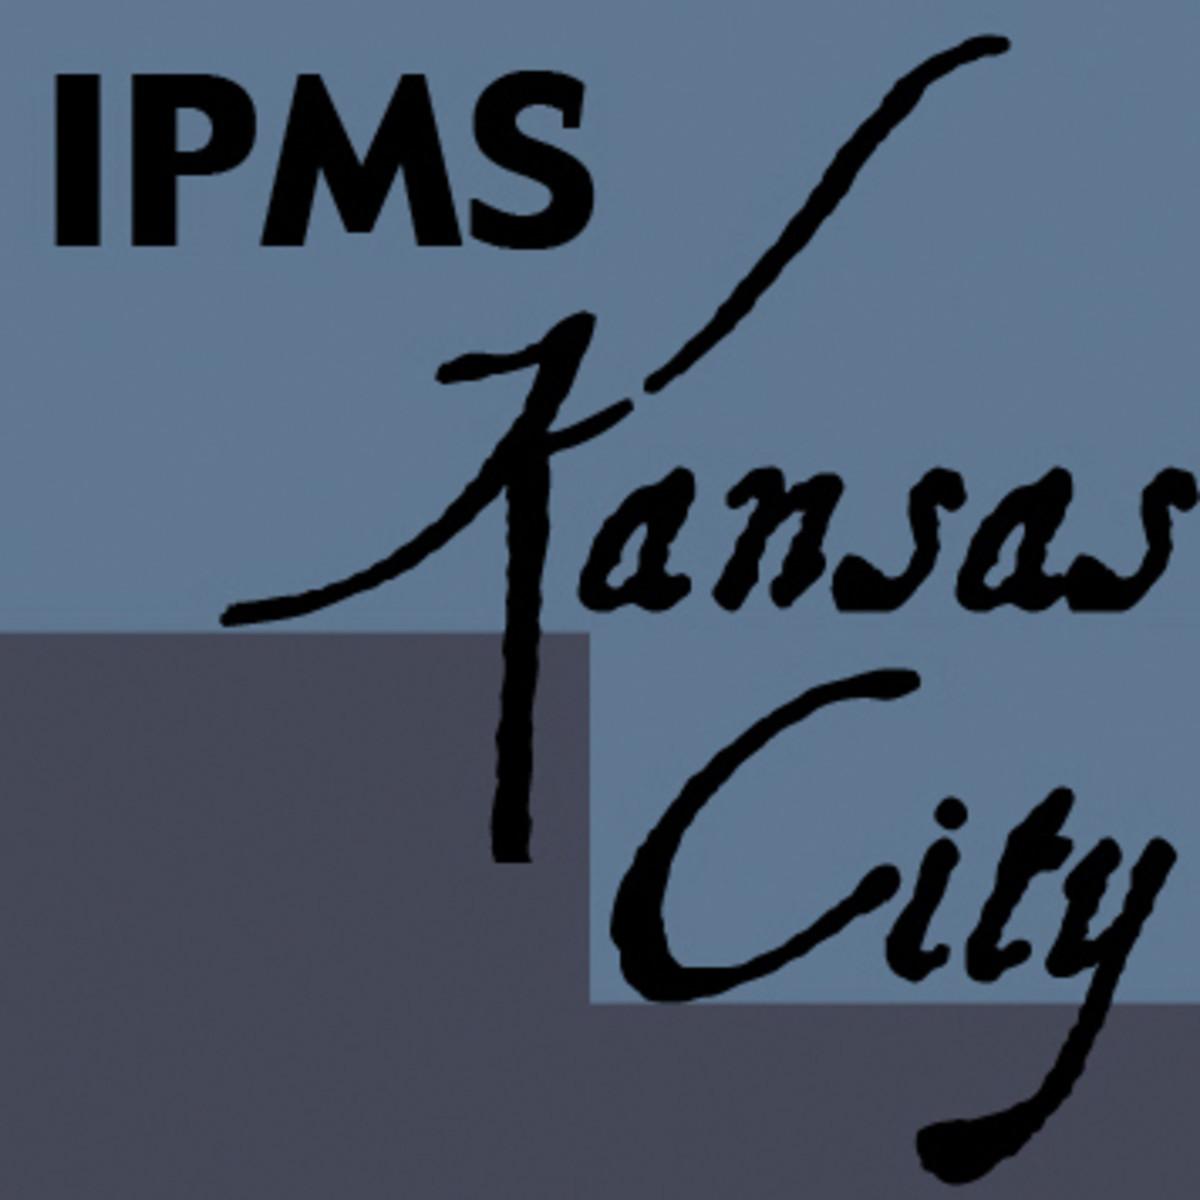 IPMSspeakers